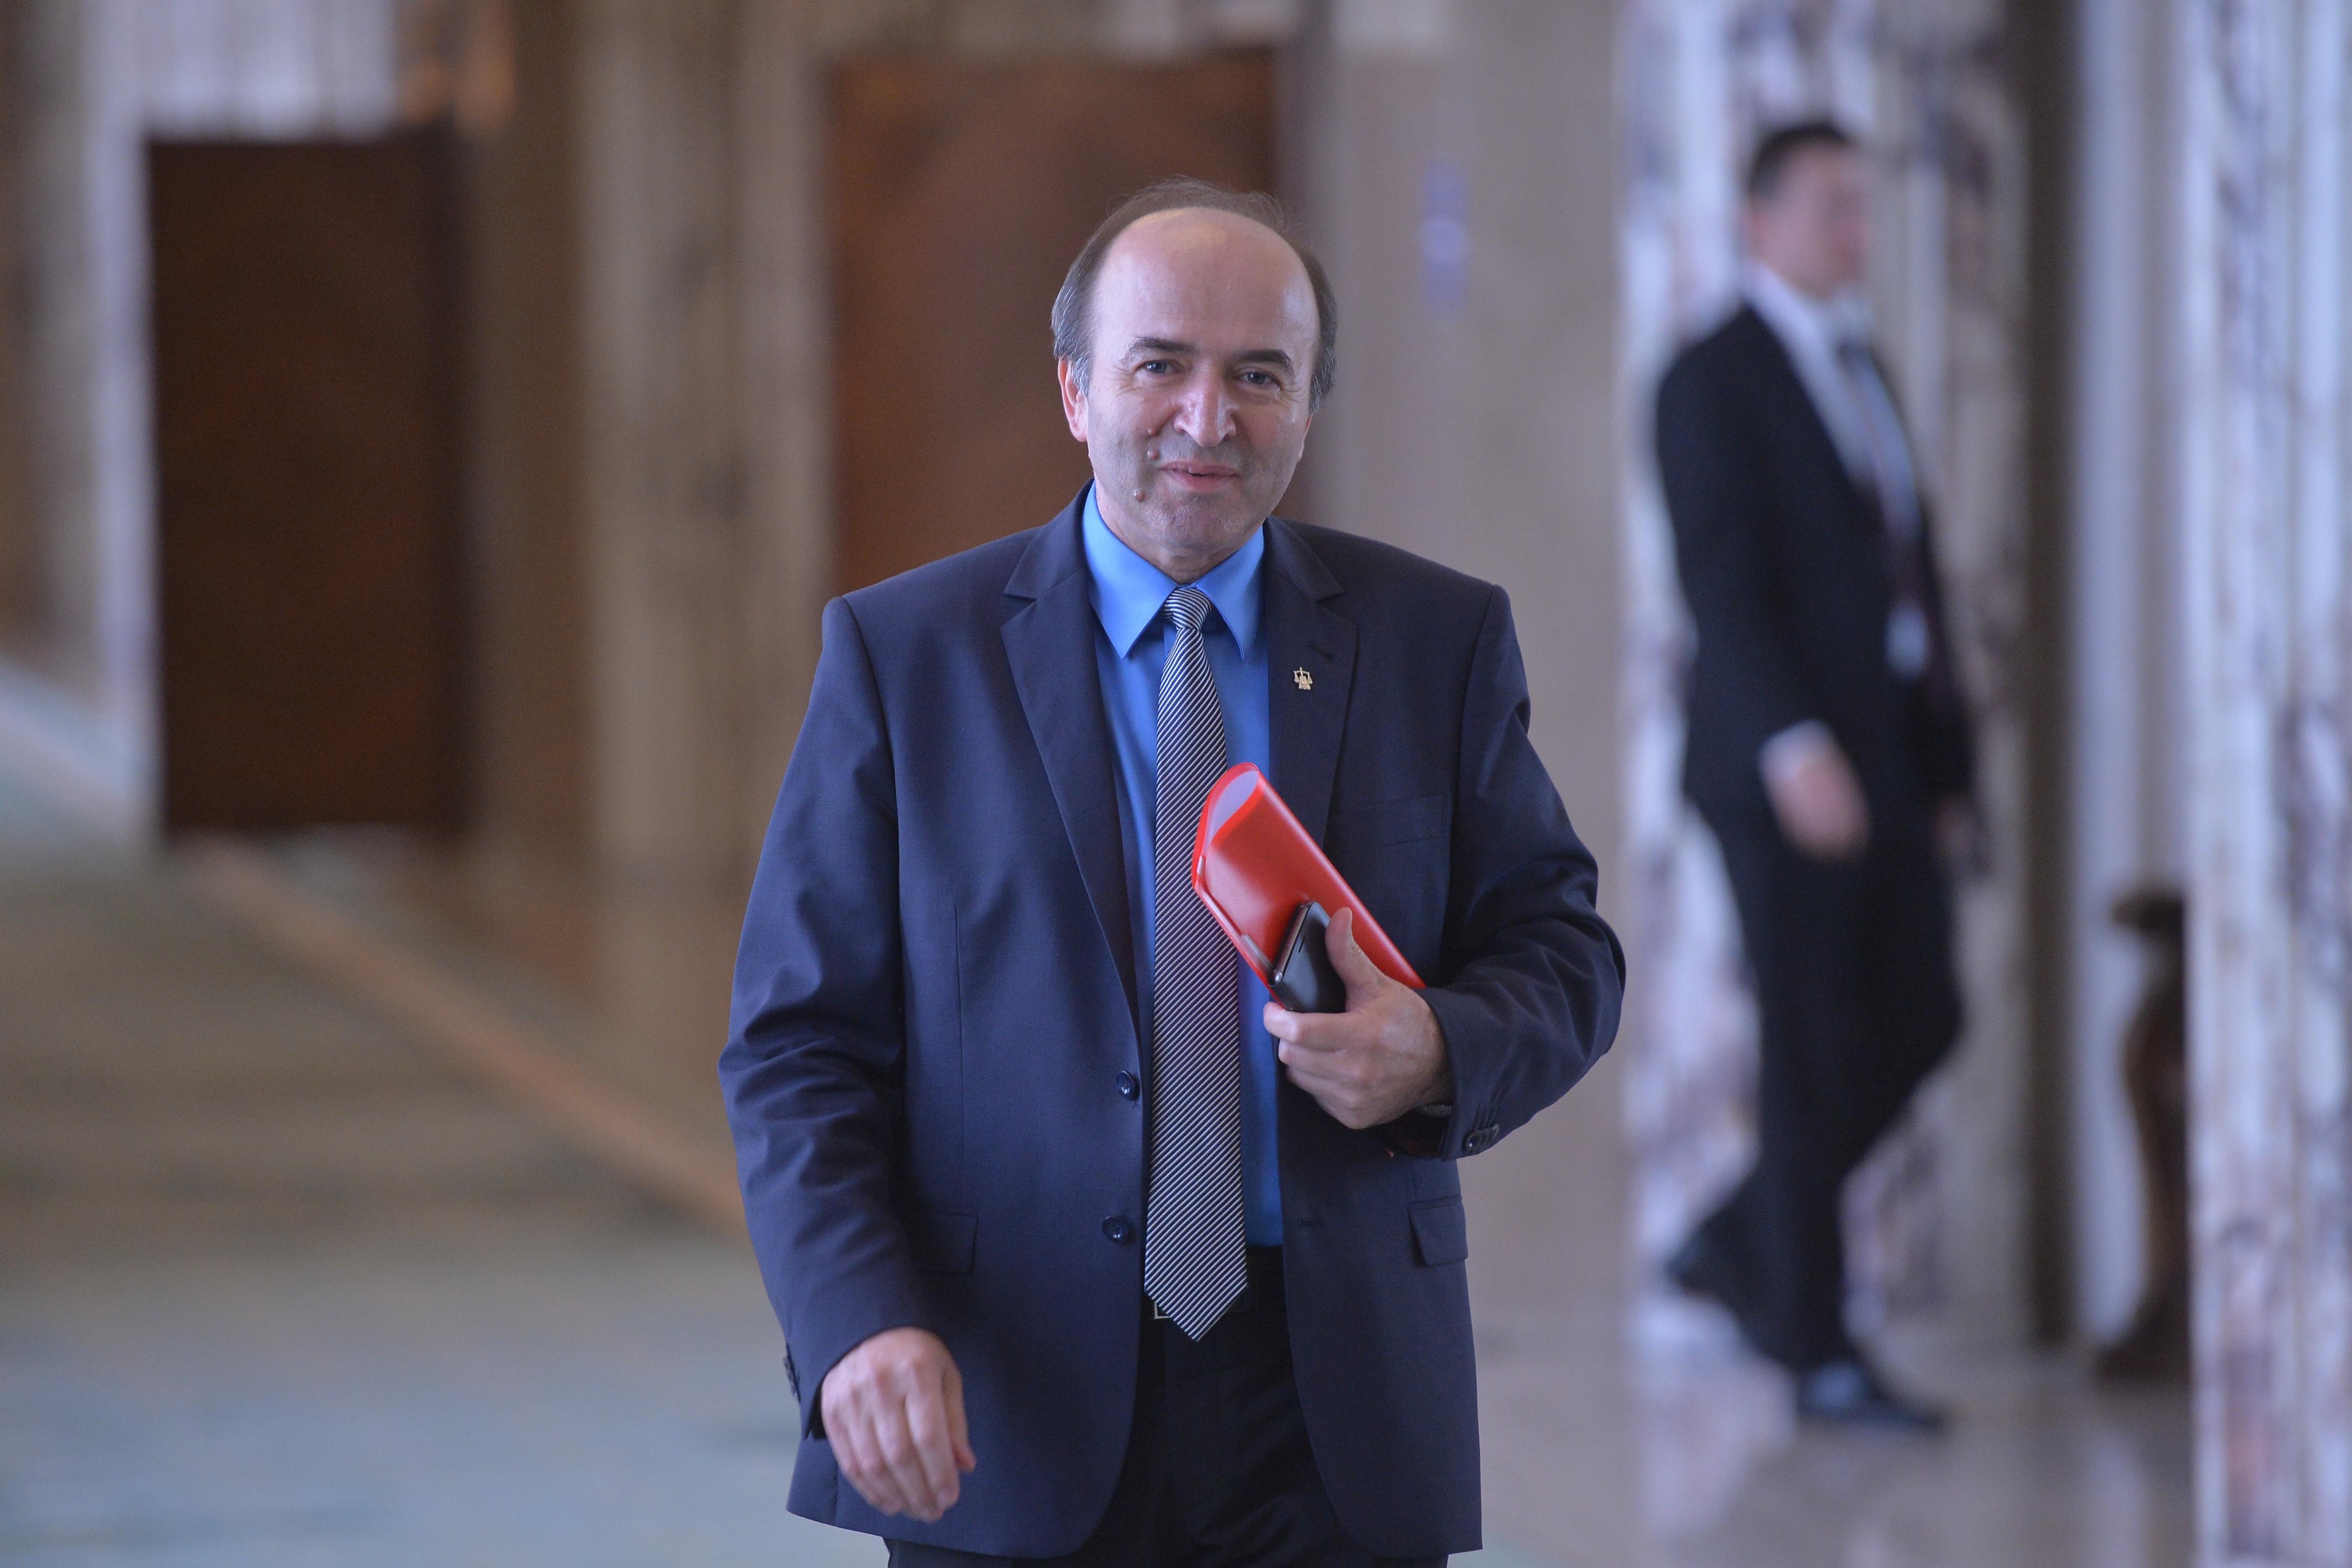 PG, reacţie după ce ministrul Toader a anunţat o posibilă trecere a bugetului instituţiei în coordonarea MJ: Ar demonstra dorinţa de punere sub control a procurorilor